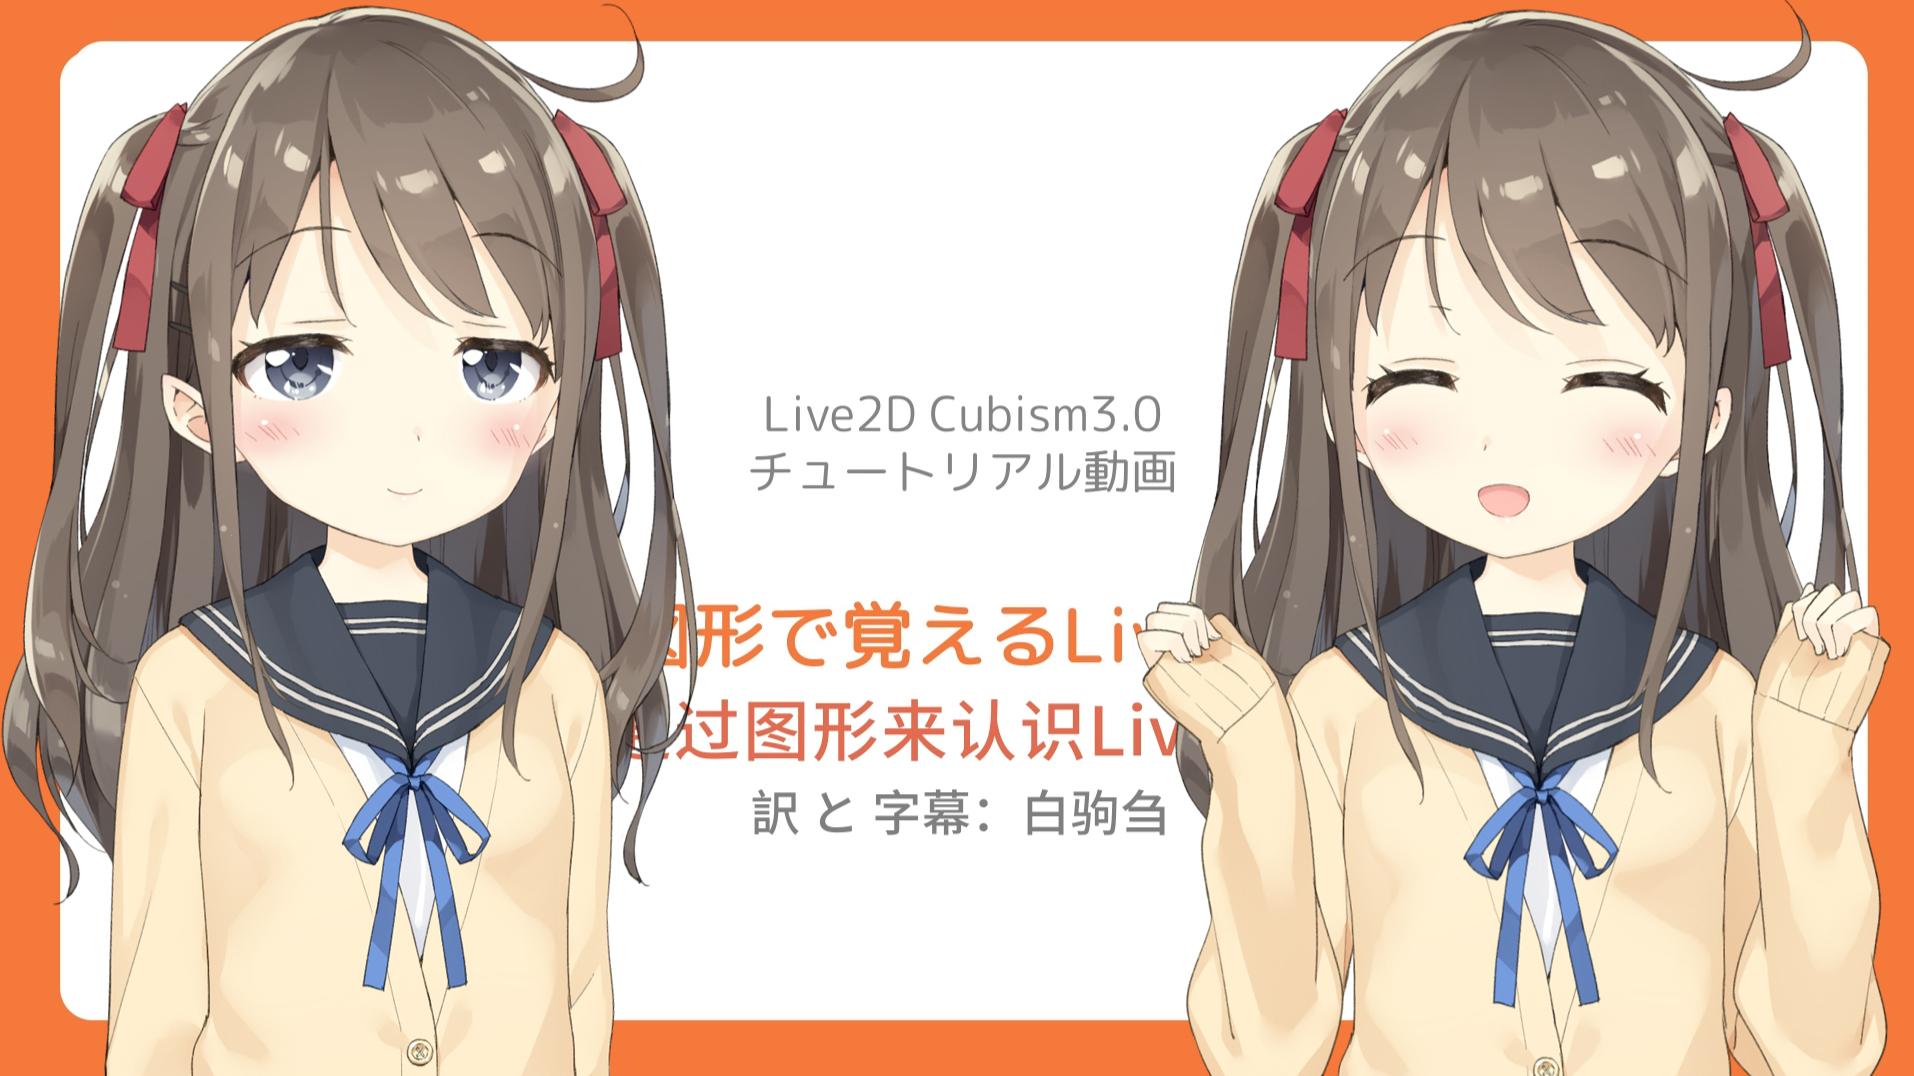 【Live2D】高清Live2D官方教程全集 中日双字翻译